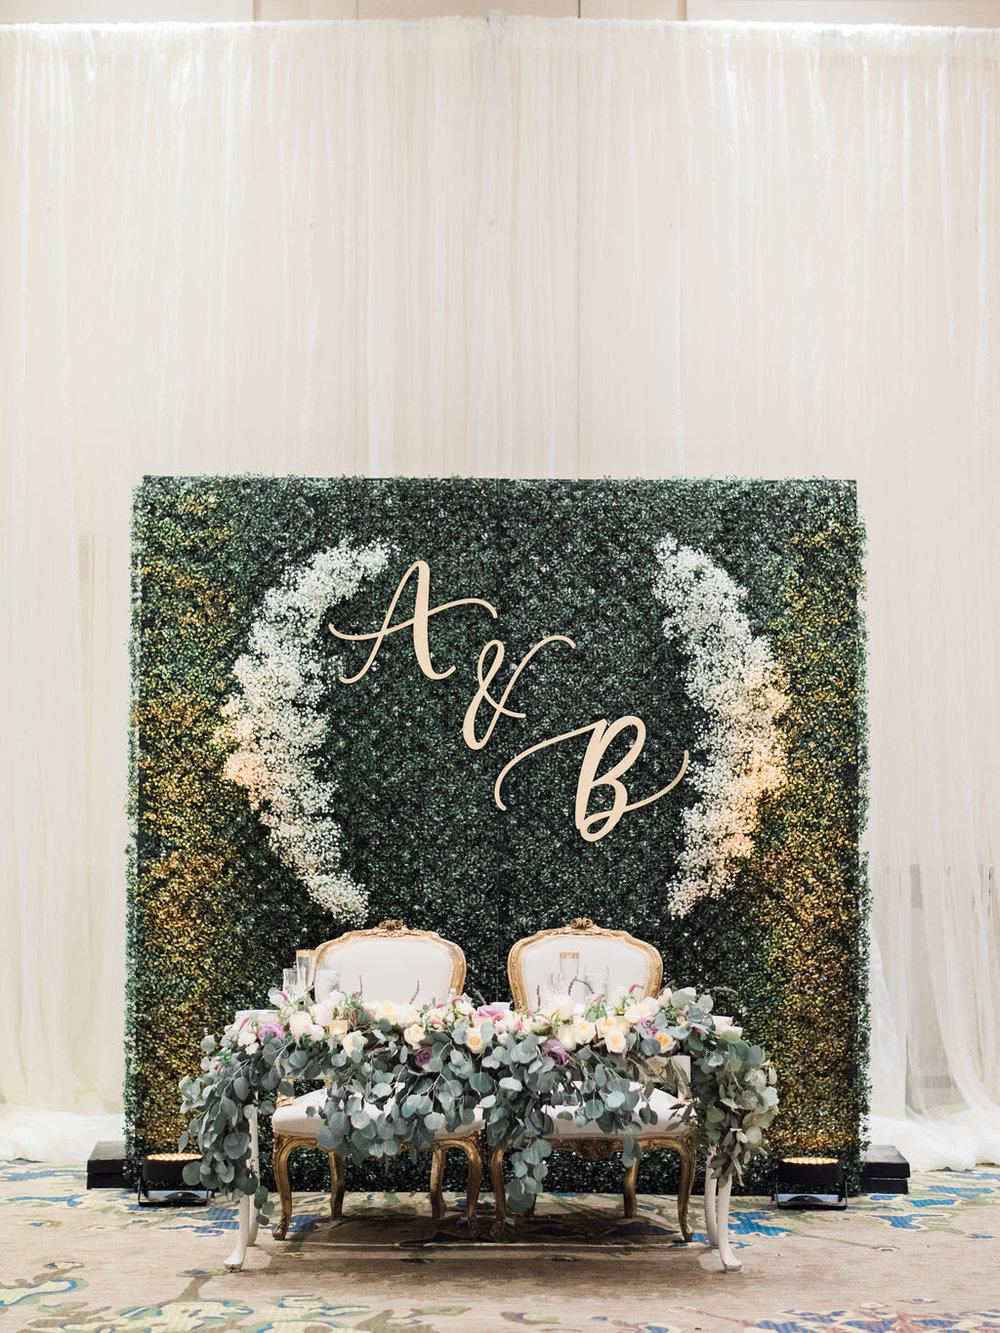 adrienneandbrian-wedding-736.jpg